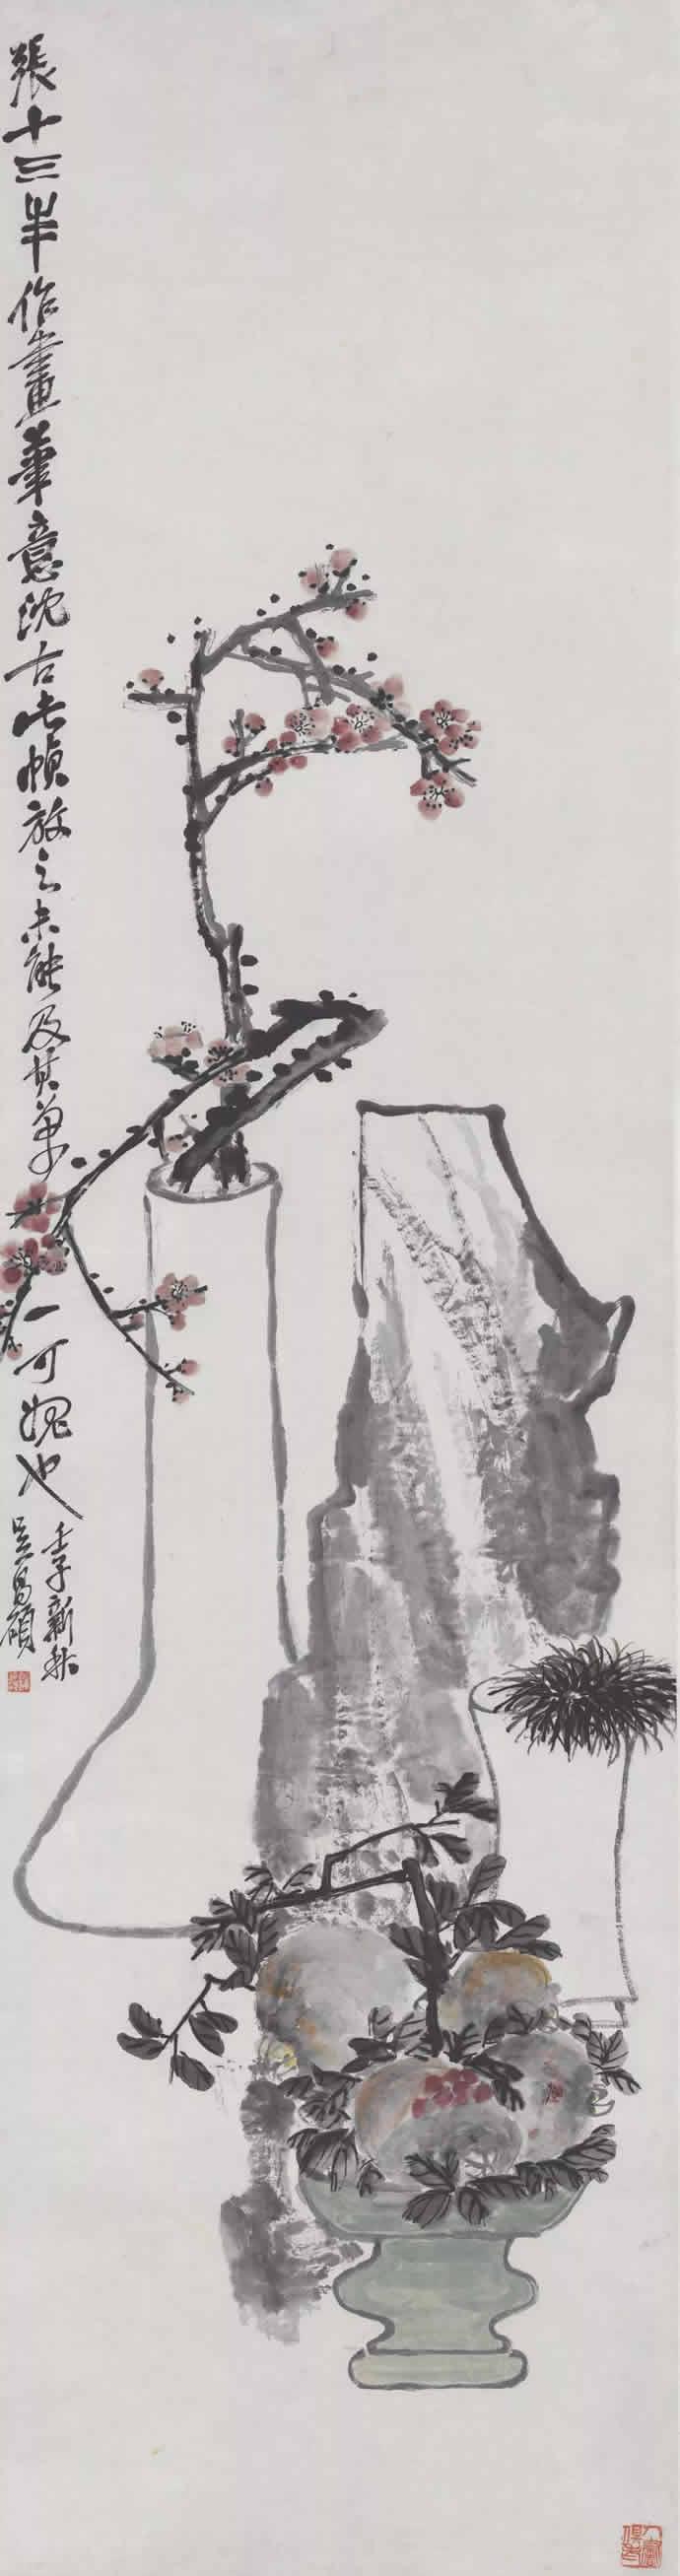 吴昌硕 榴梅博古图轴